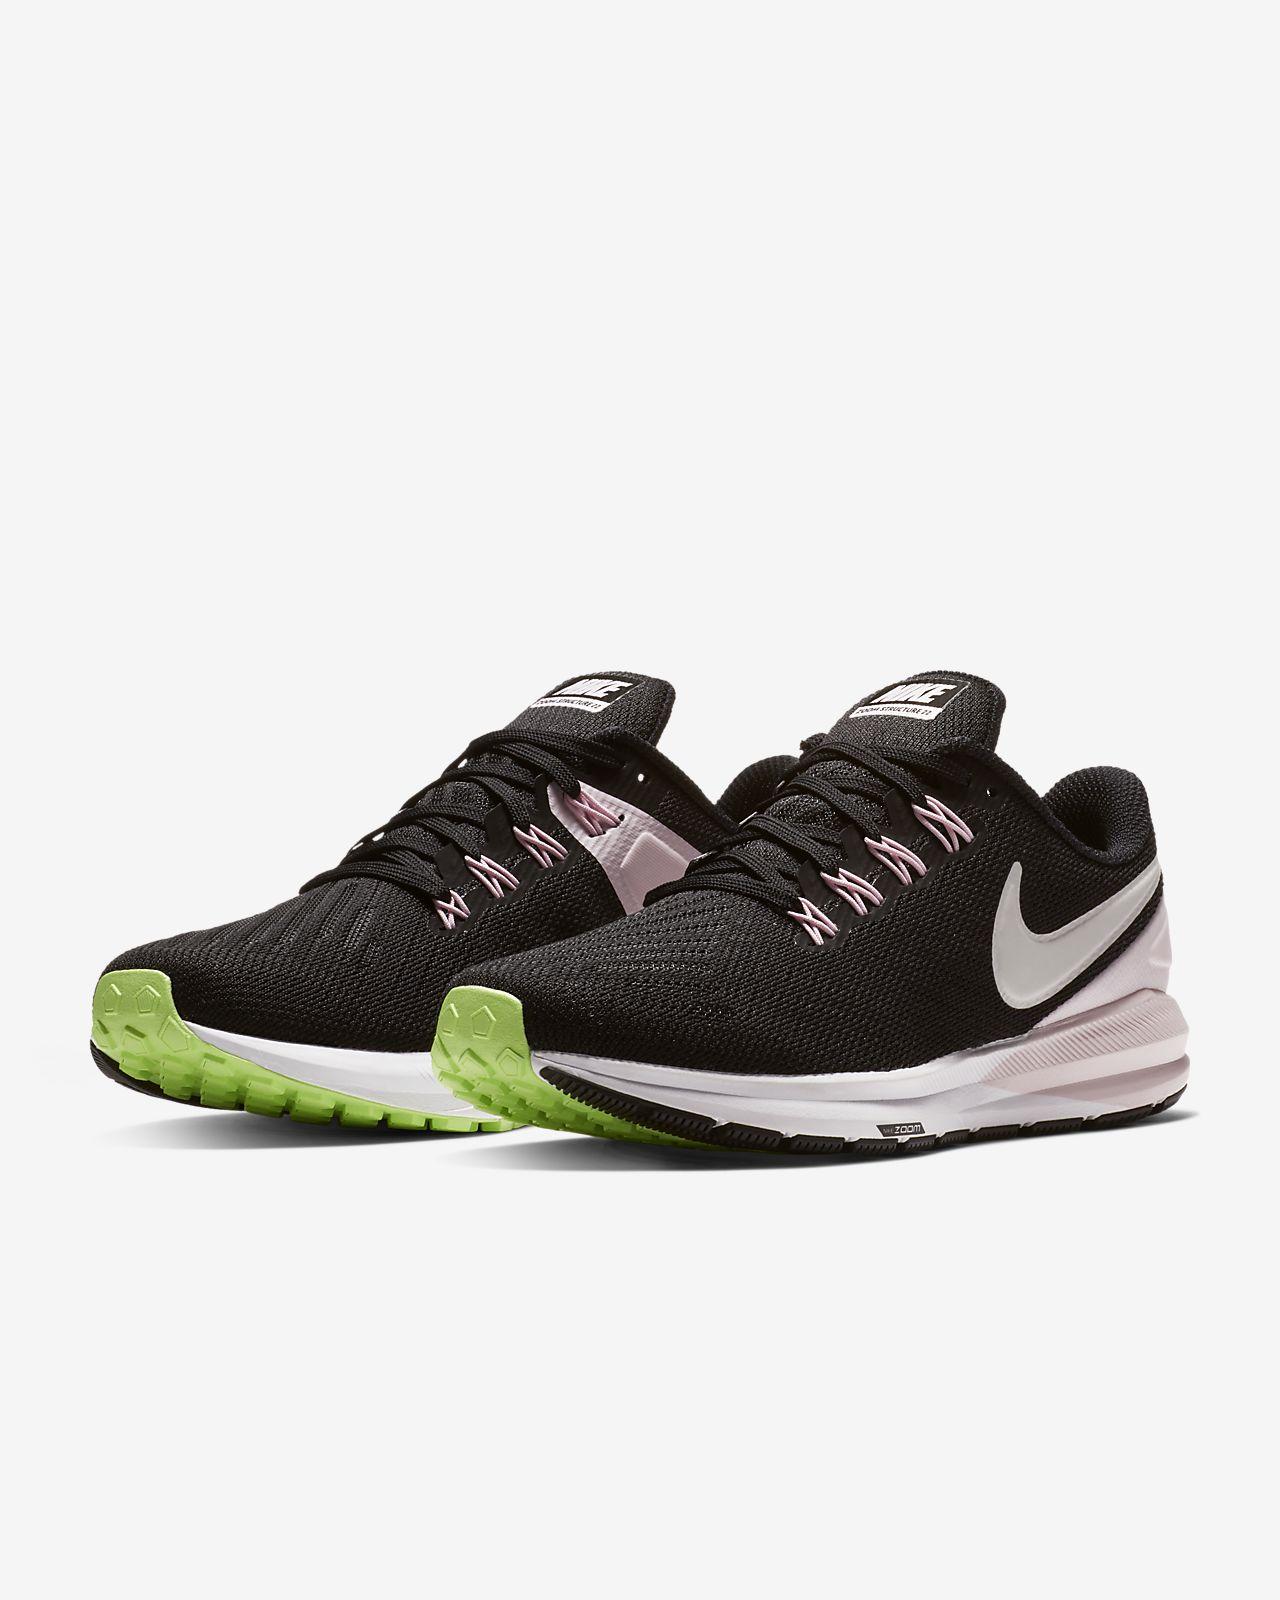 0df06708bace Nike Air Zoom Structure 22 Women s Running Shoe. Nike.com